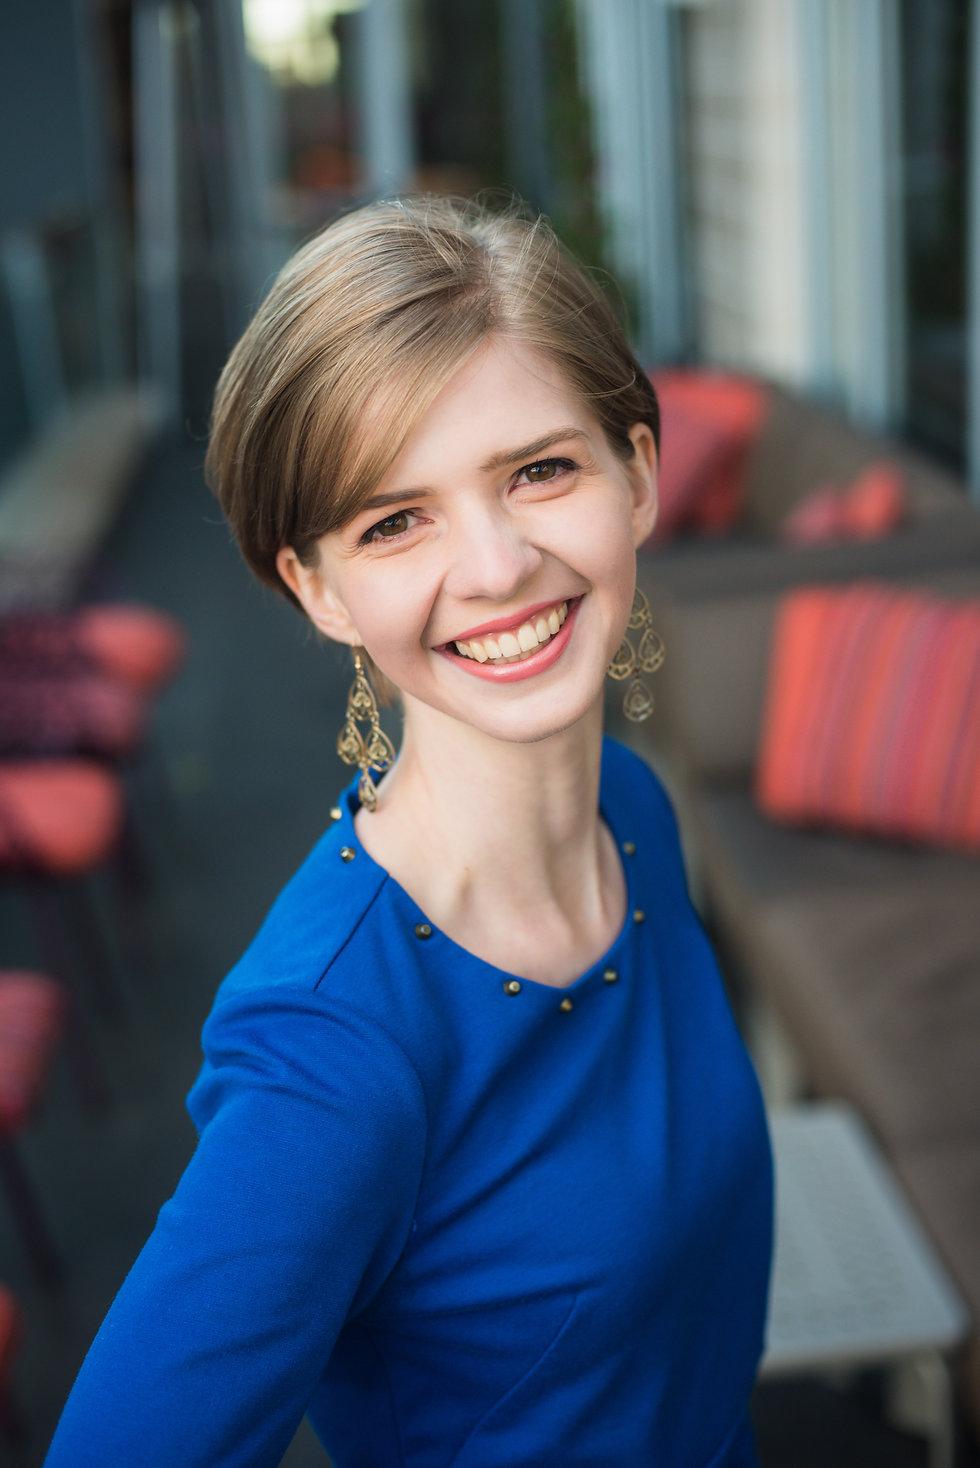 Alicia Bachorik headshot